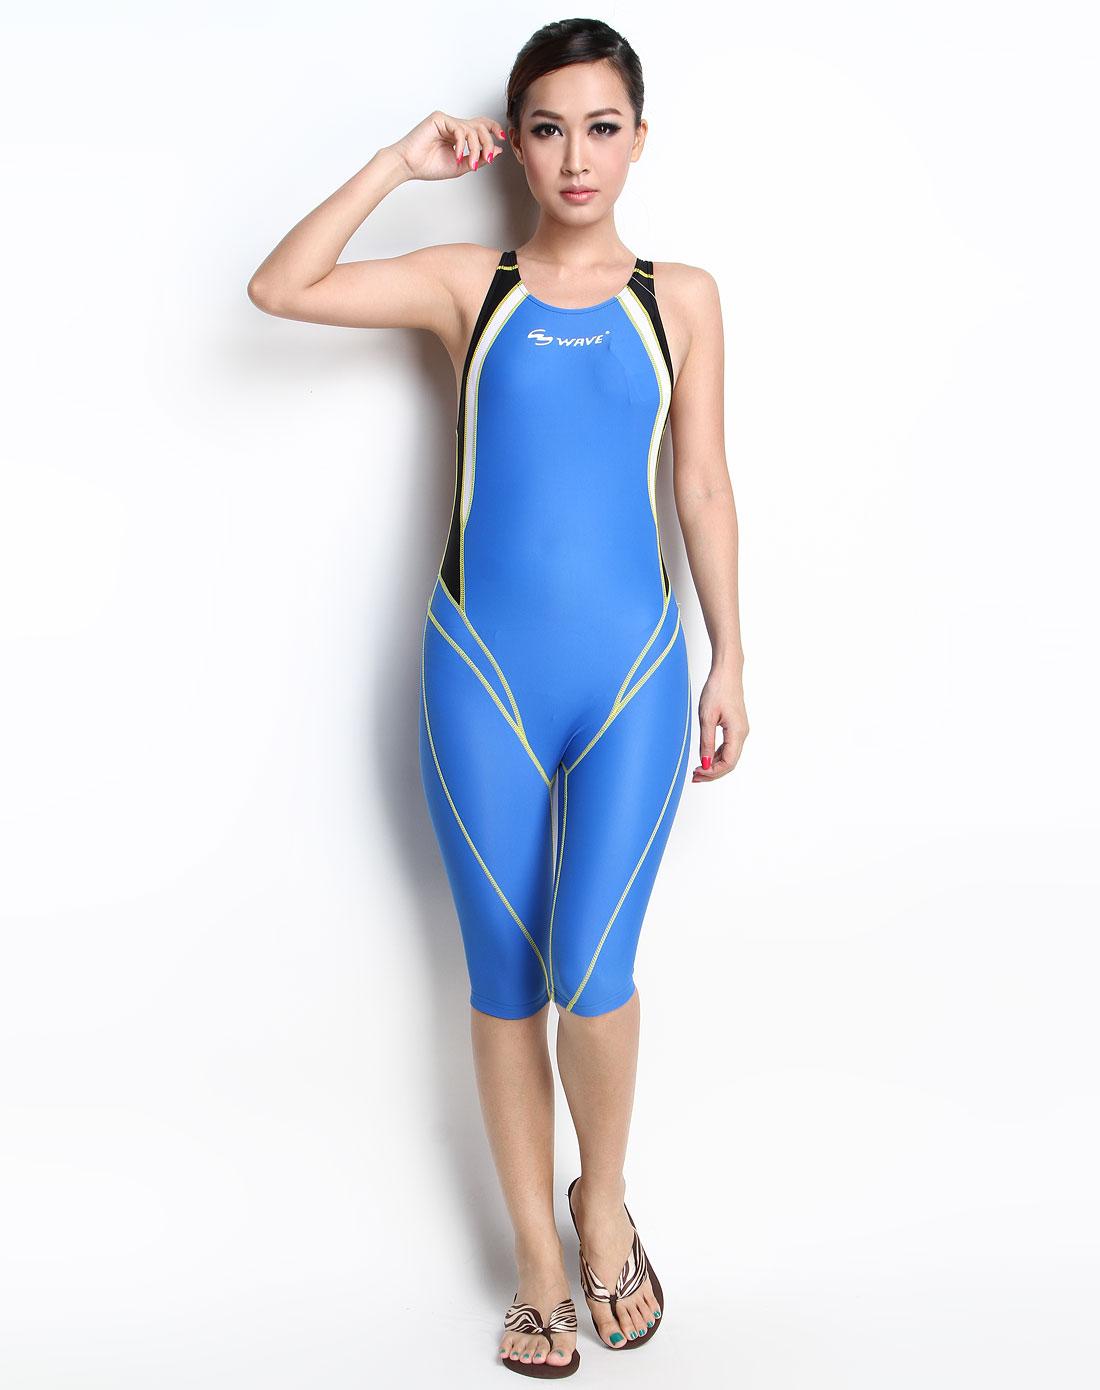 海浪wave运动专场-女装蓝色时尚成人泳衣